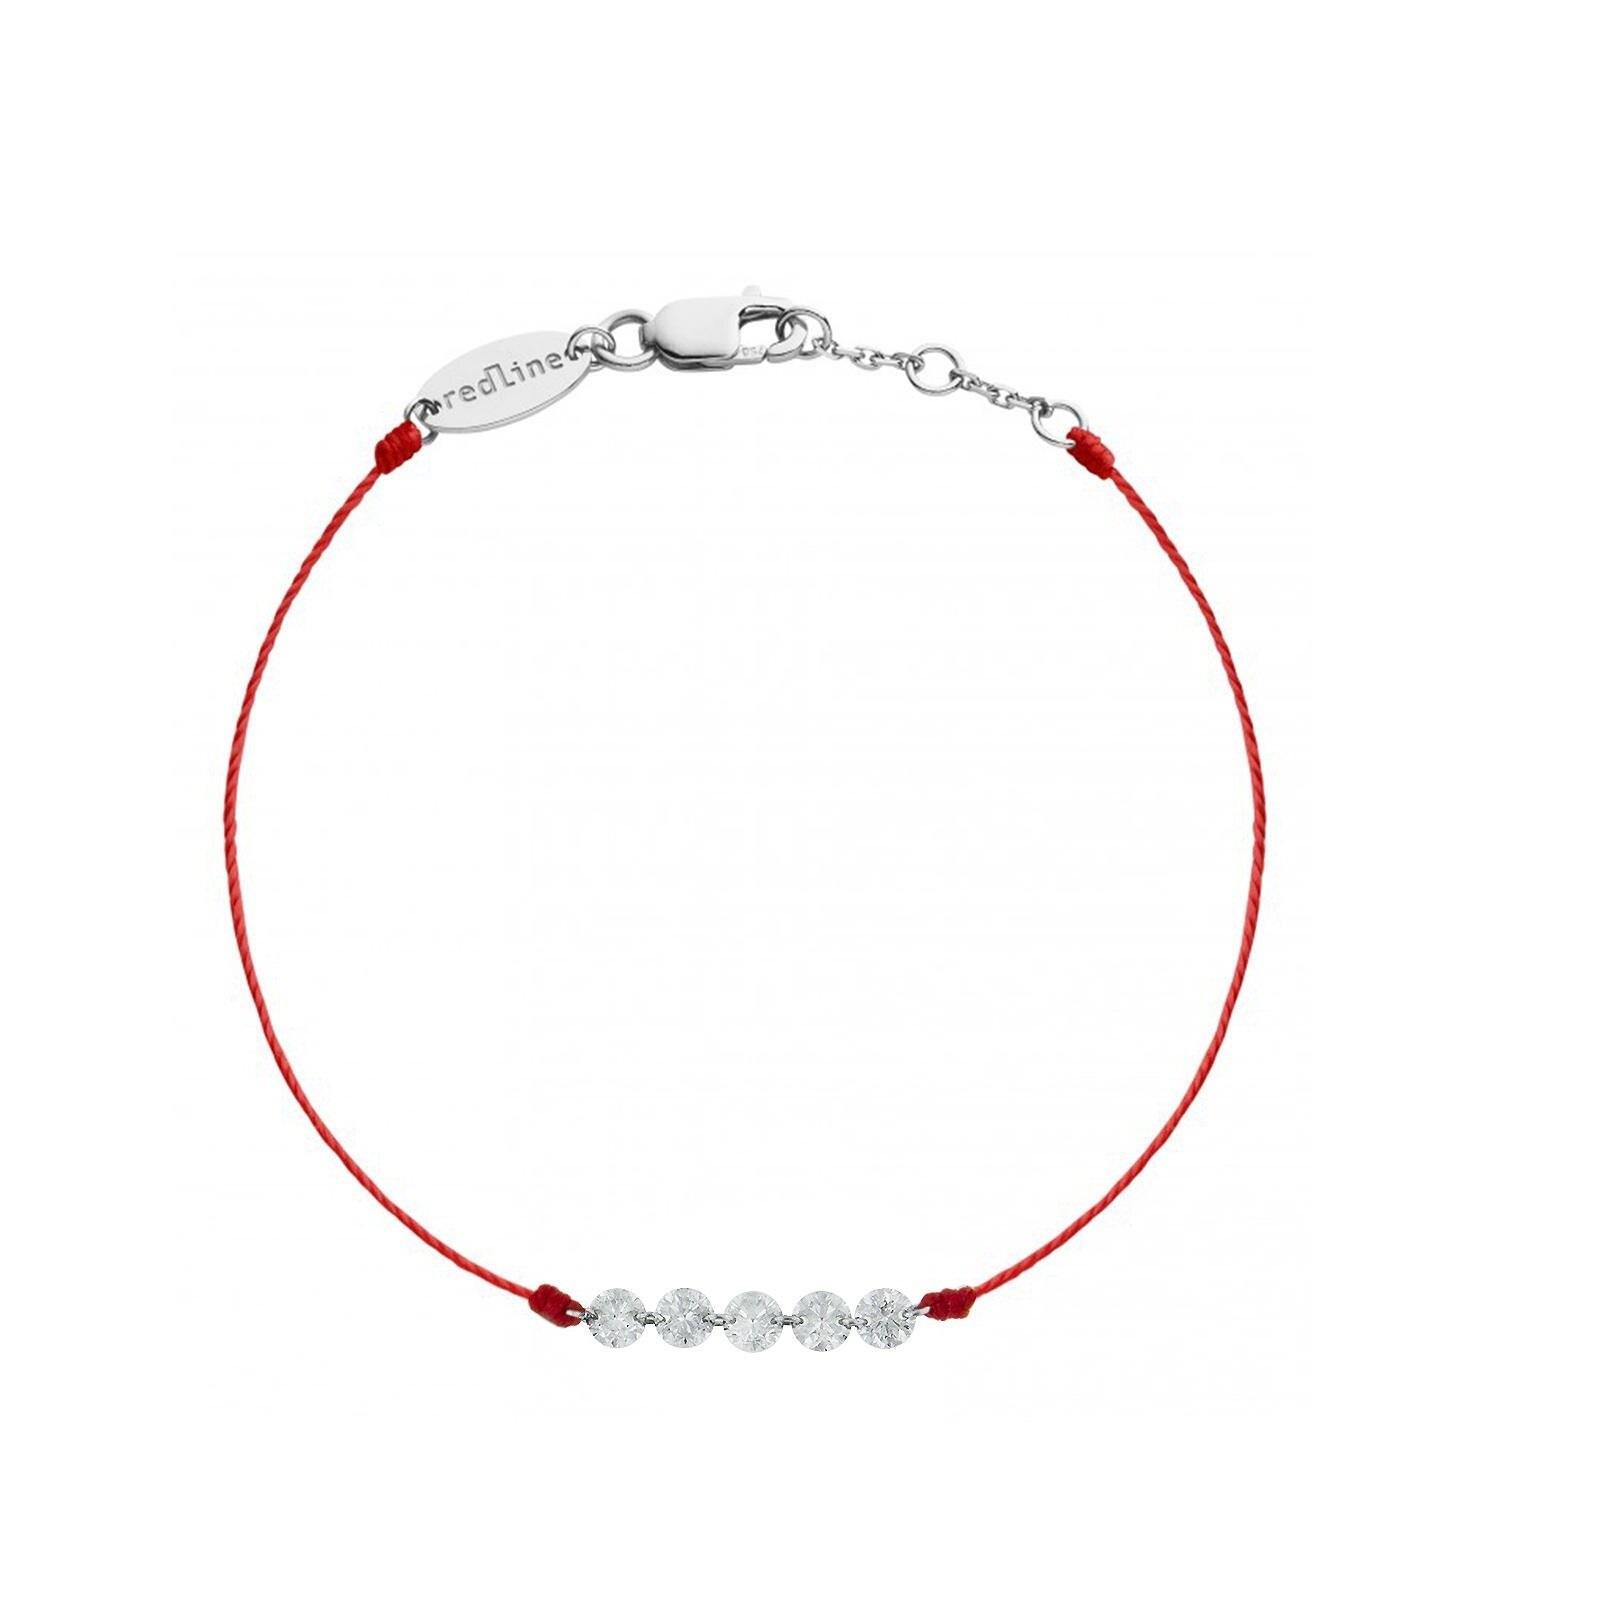 Redline小红绳系列—五个自由STRING白金红绳手链